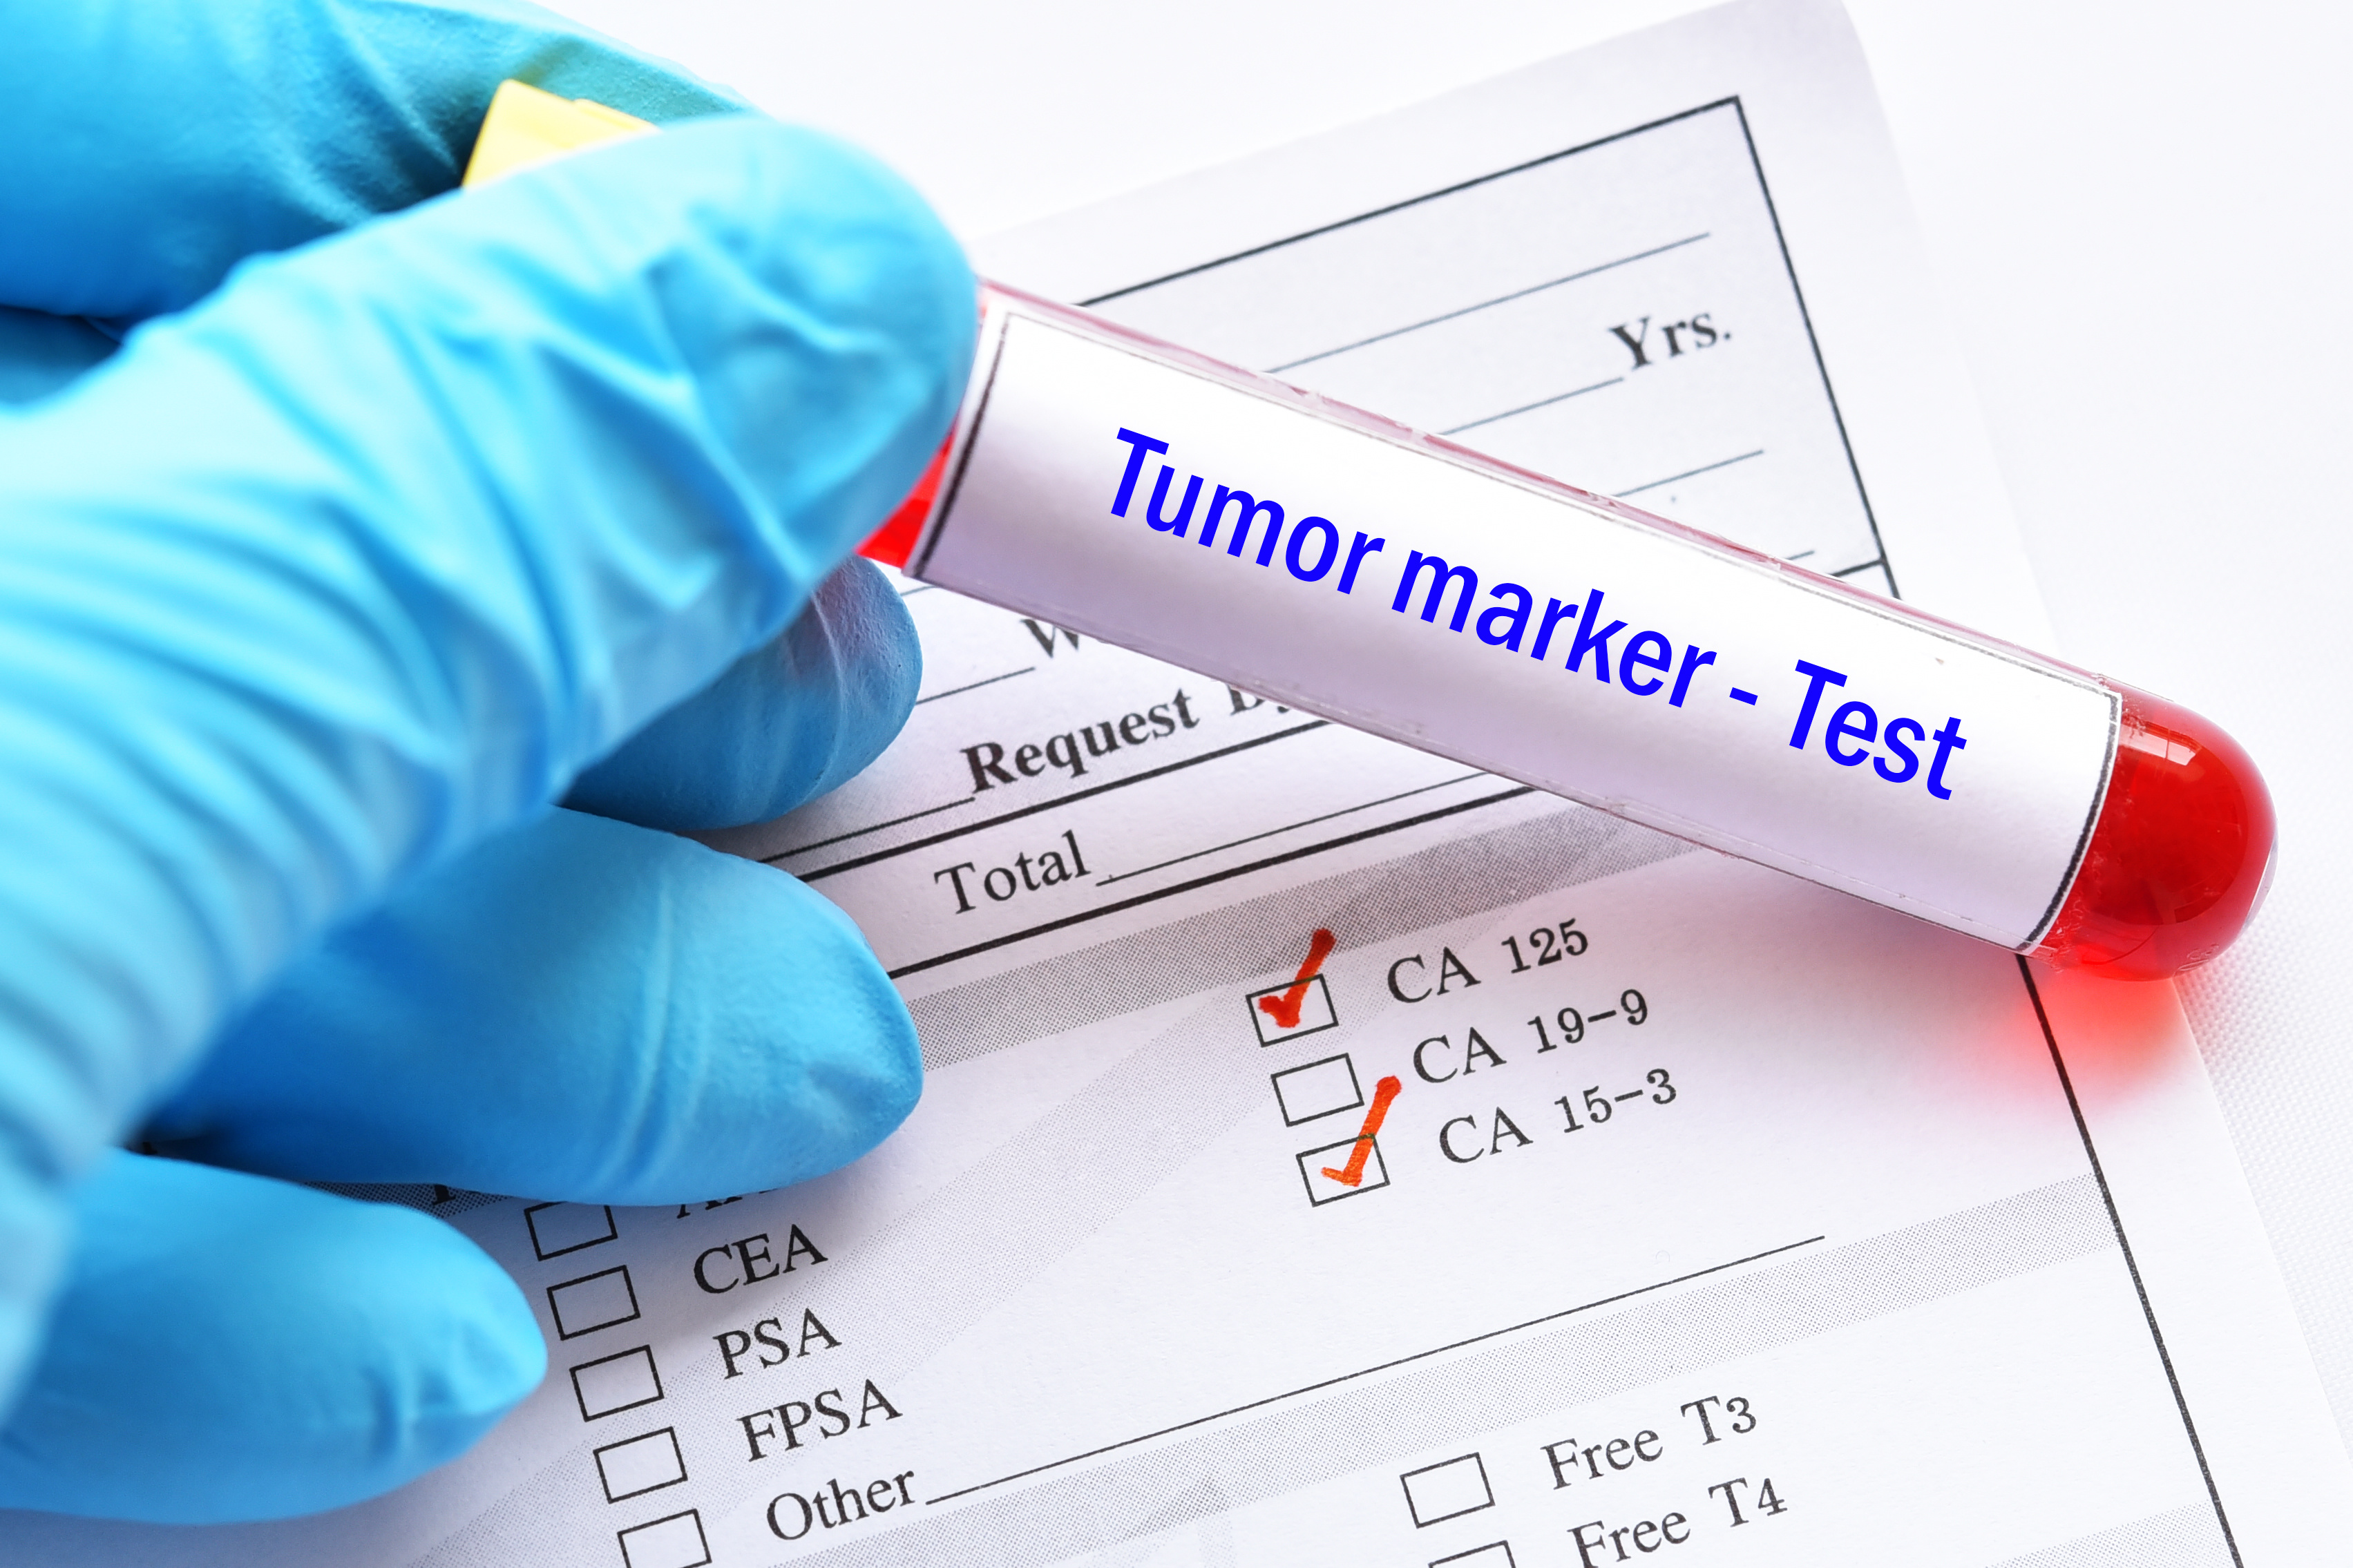 Le carcinome hépatocellulaire est un cancer du foie très fréquent lié à la présence de graisse dans le foie